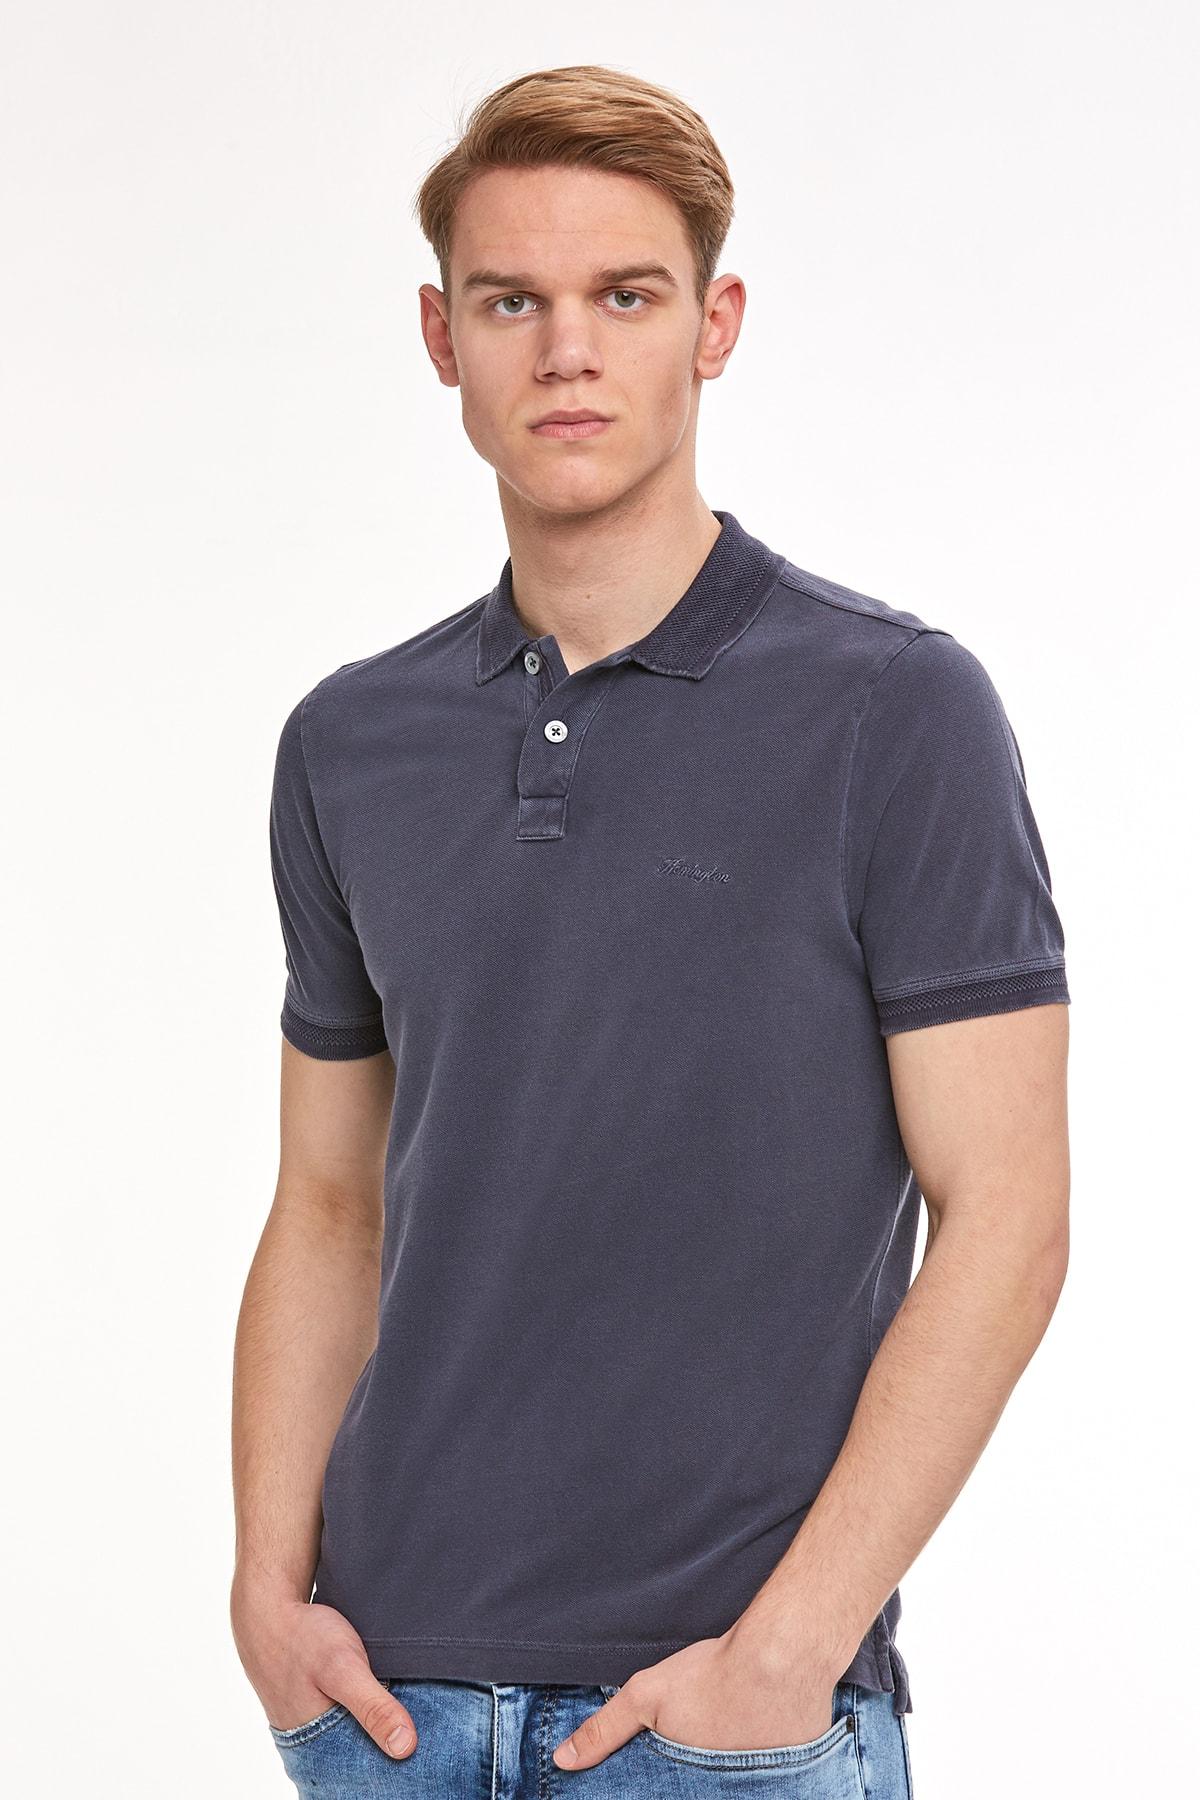 Hemington Erkek Lacivert Vintage Görünümlü Polo Yaka T-shirt 1